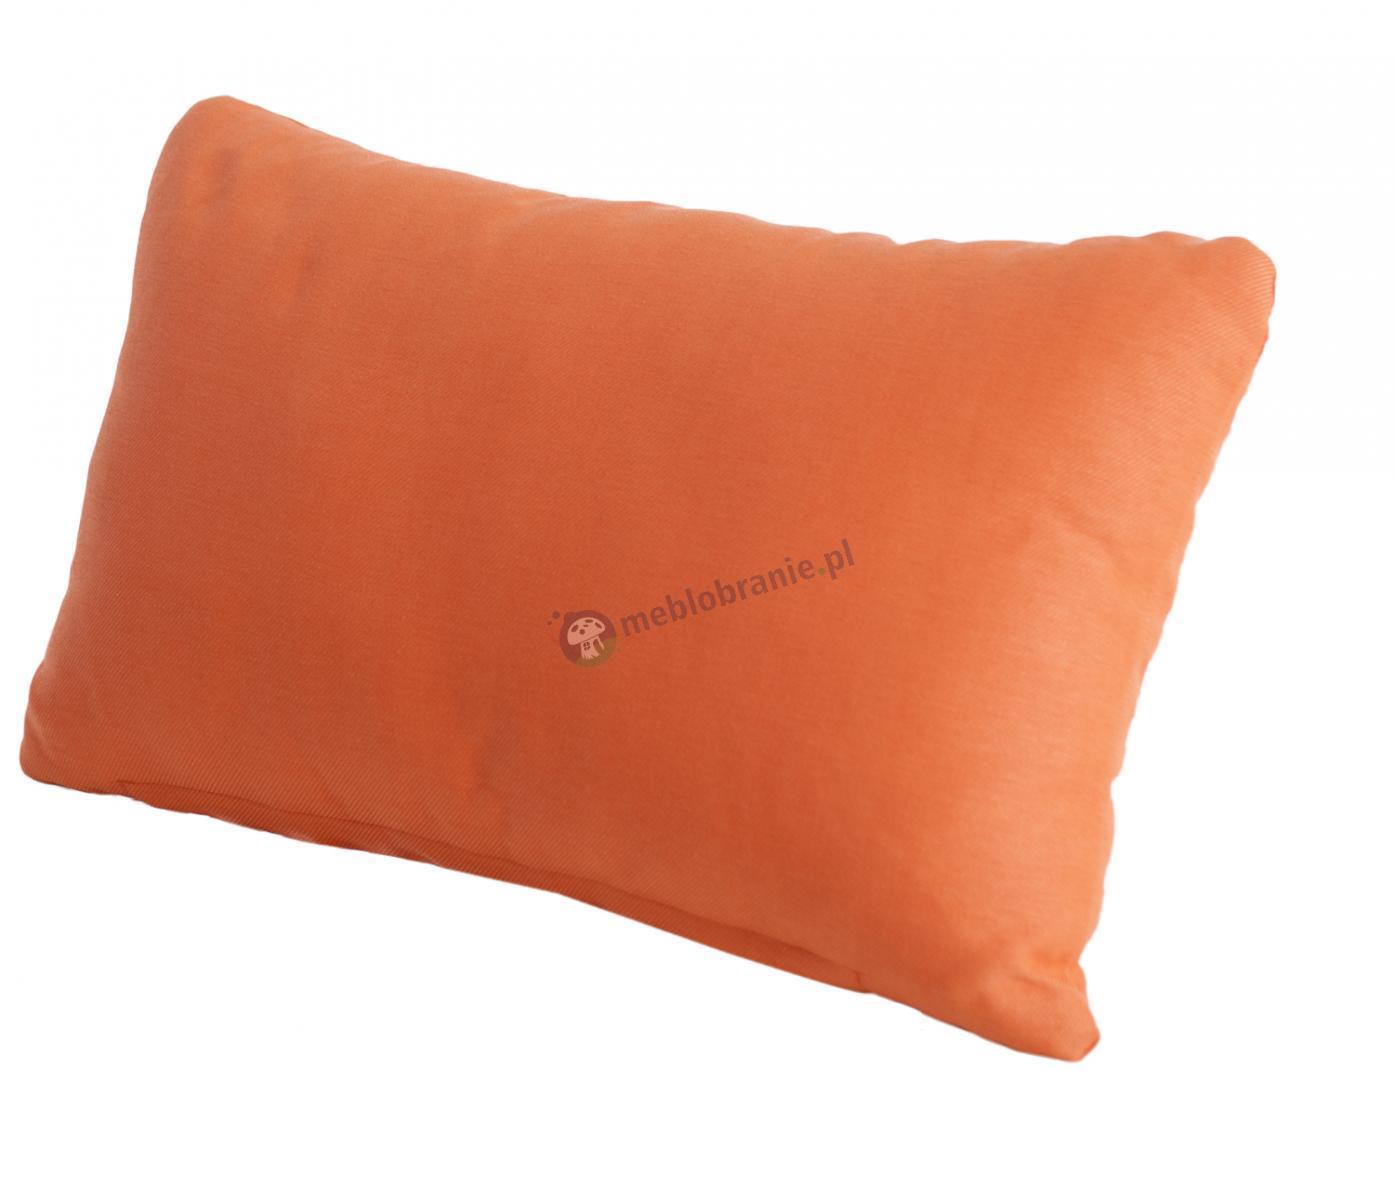 Alexander Rose Beach Lounge poduszka na meble ogrodowe pomarańczowa 8805C-OR